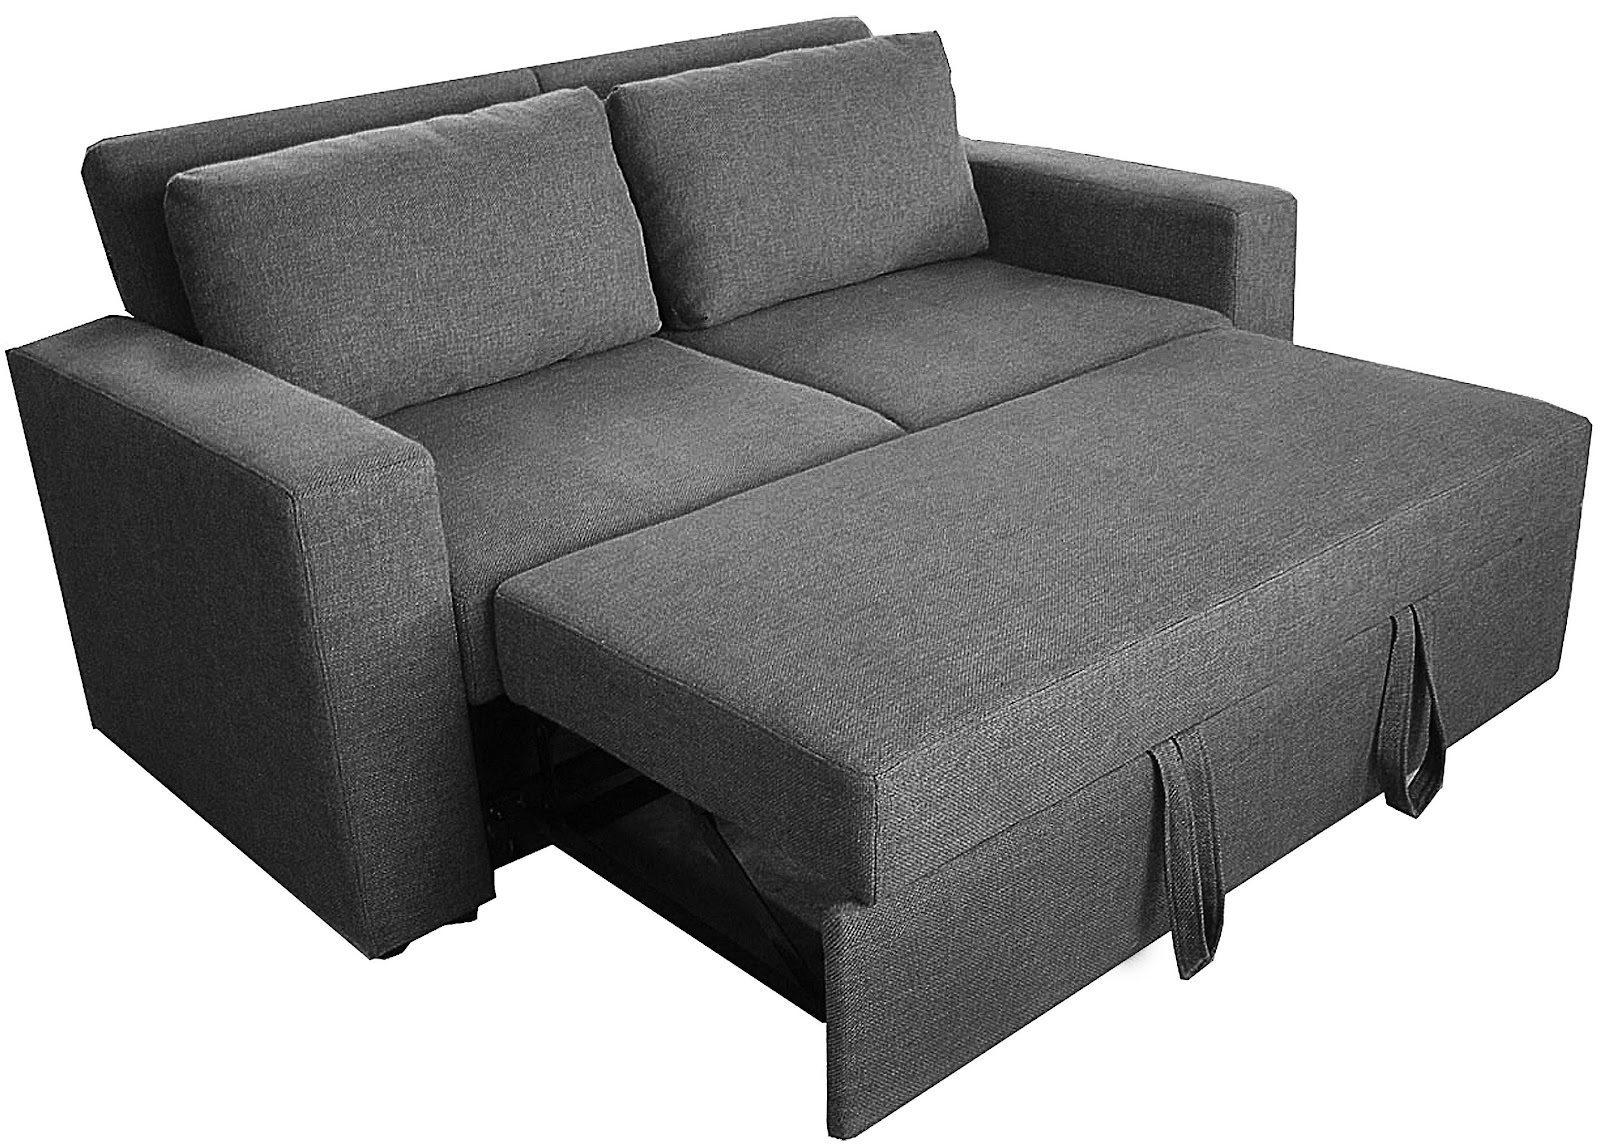 Twin Sleeper Chair   Sofa Beds Ikea   Moheda Sofa Bed